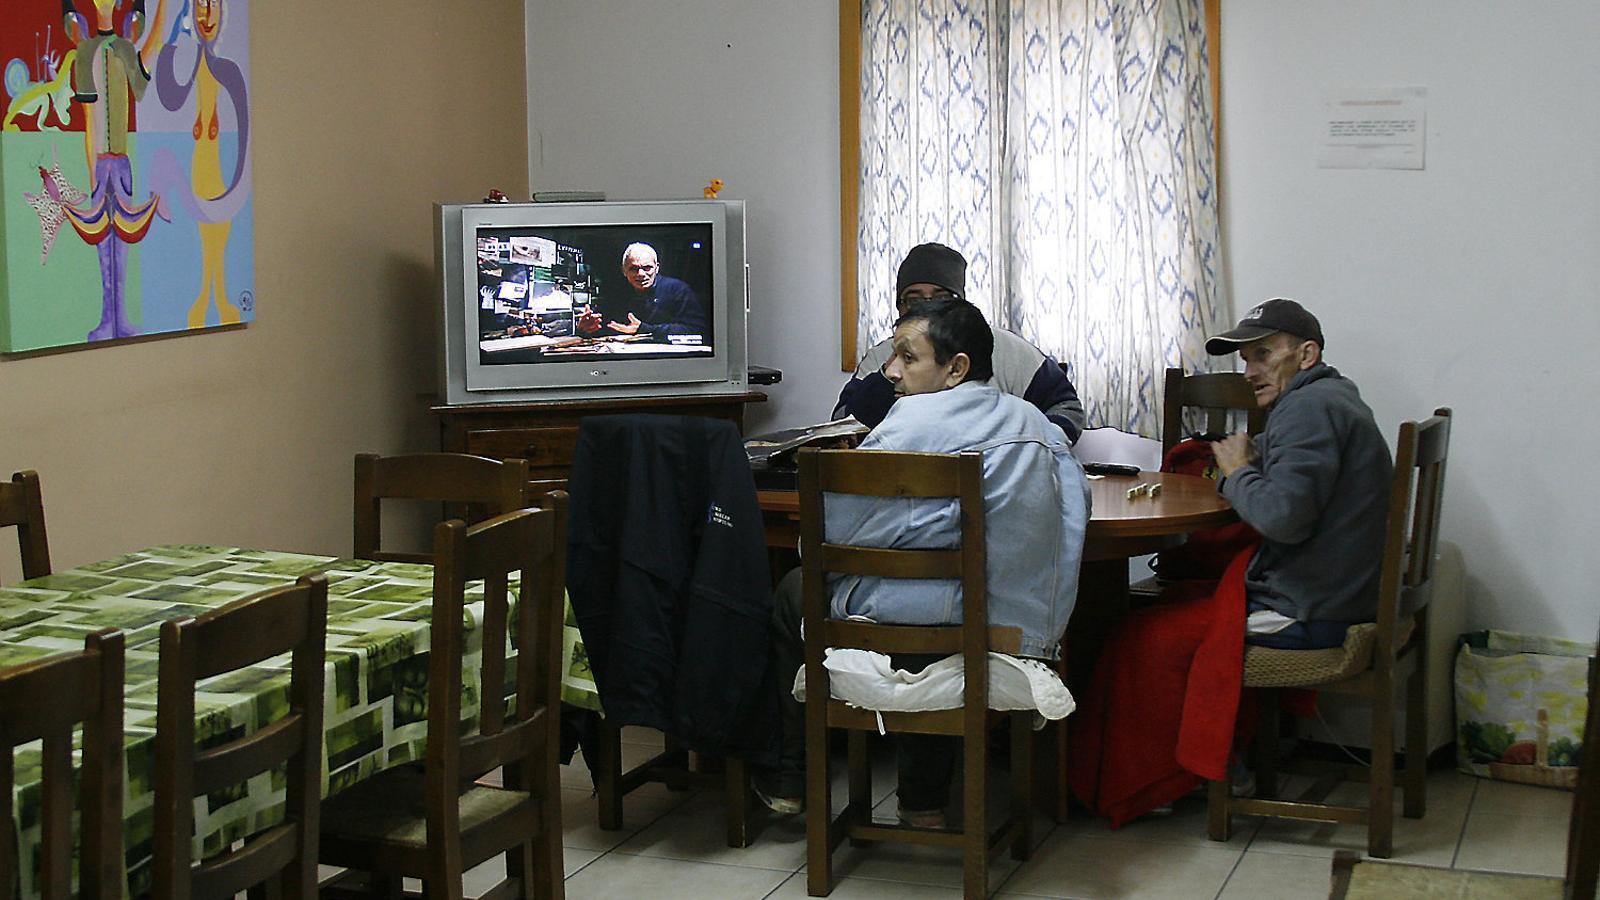 Diverses dependències del centre: el menjador, amb alguns usuaris; l'estança  dels homes i el petit pati interior on s'aireja el calçat.